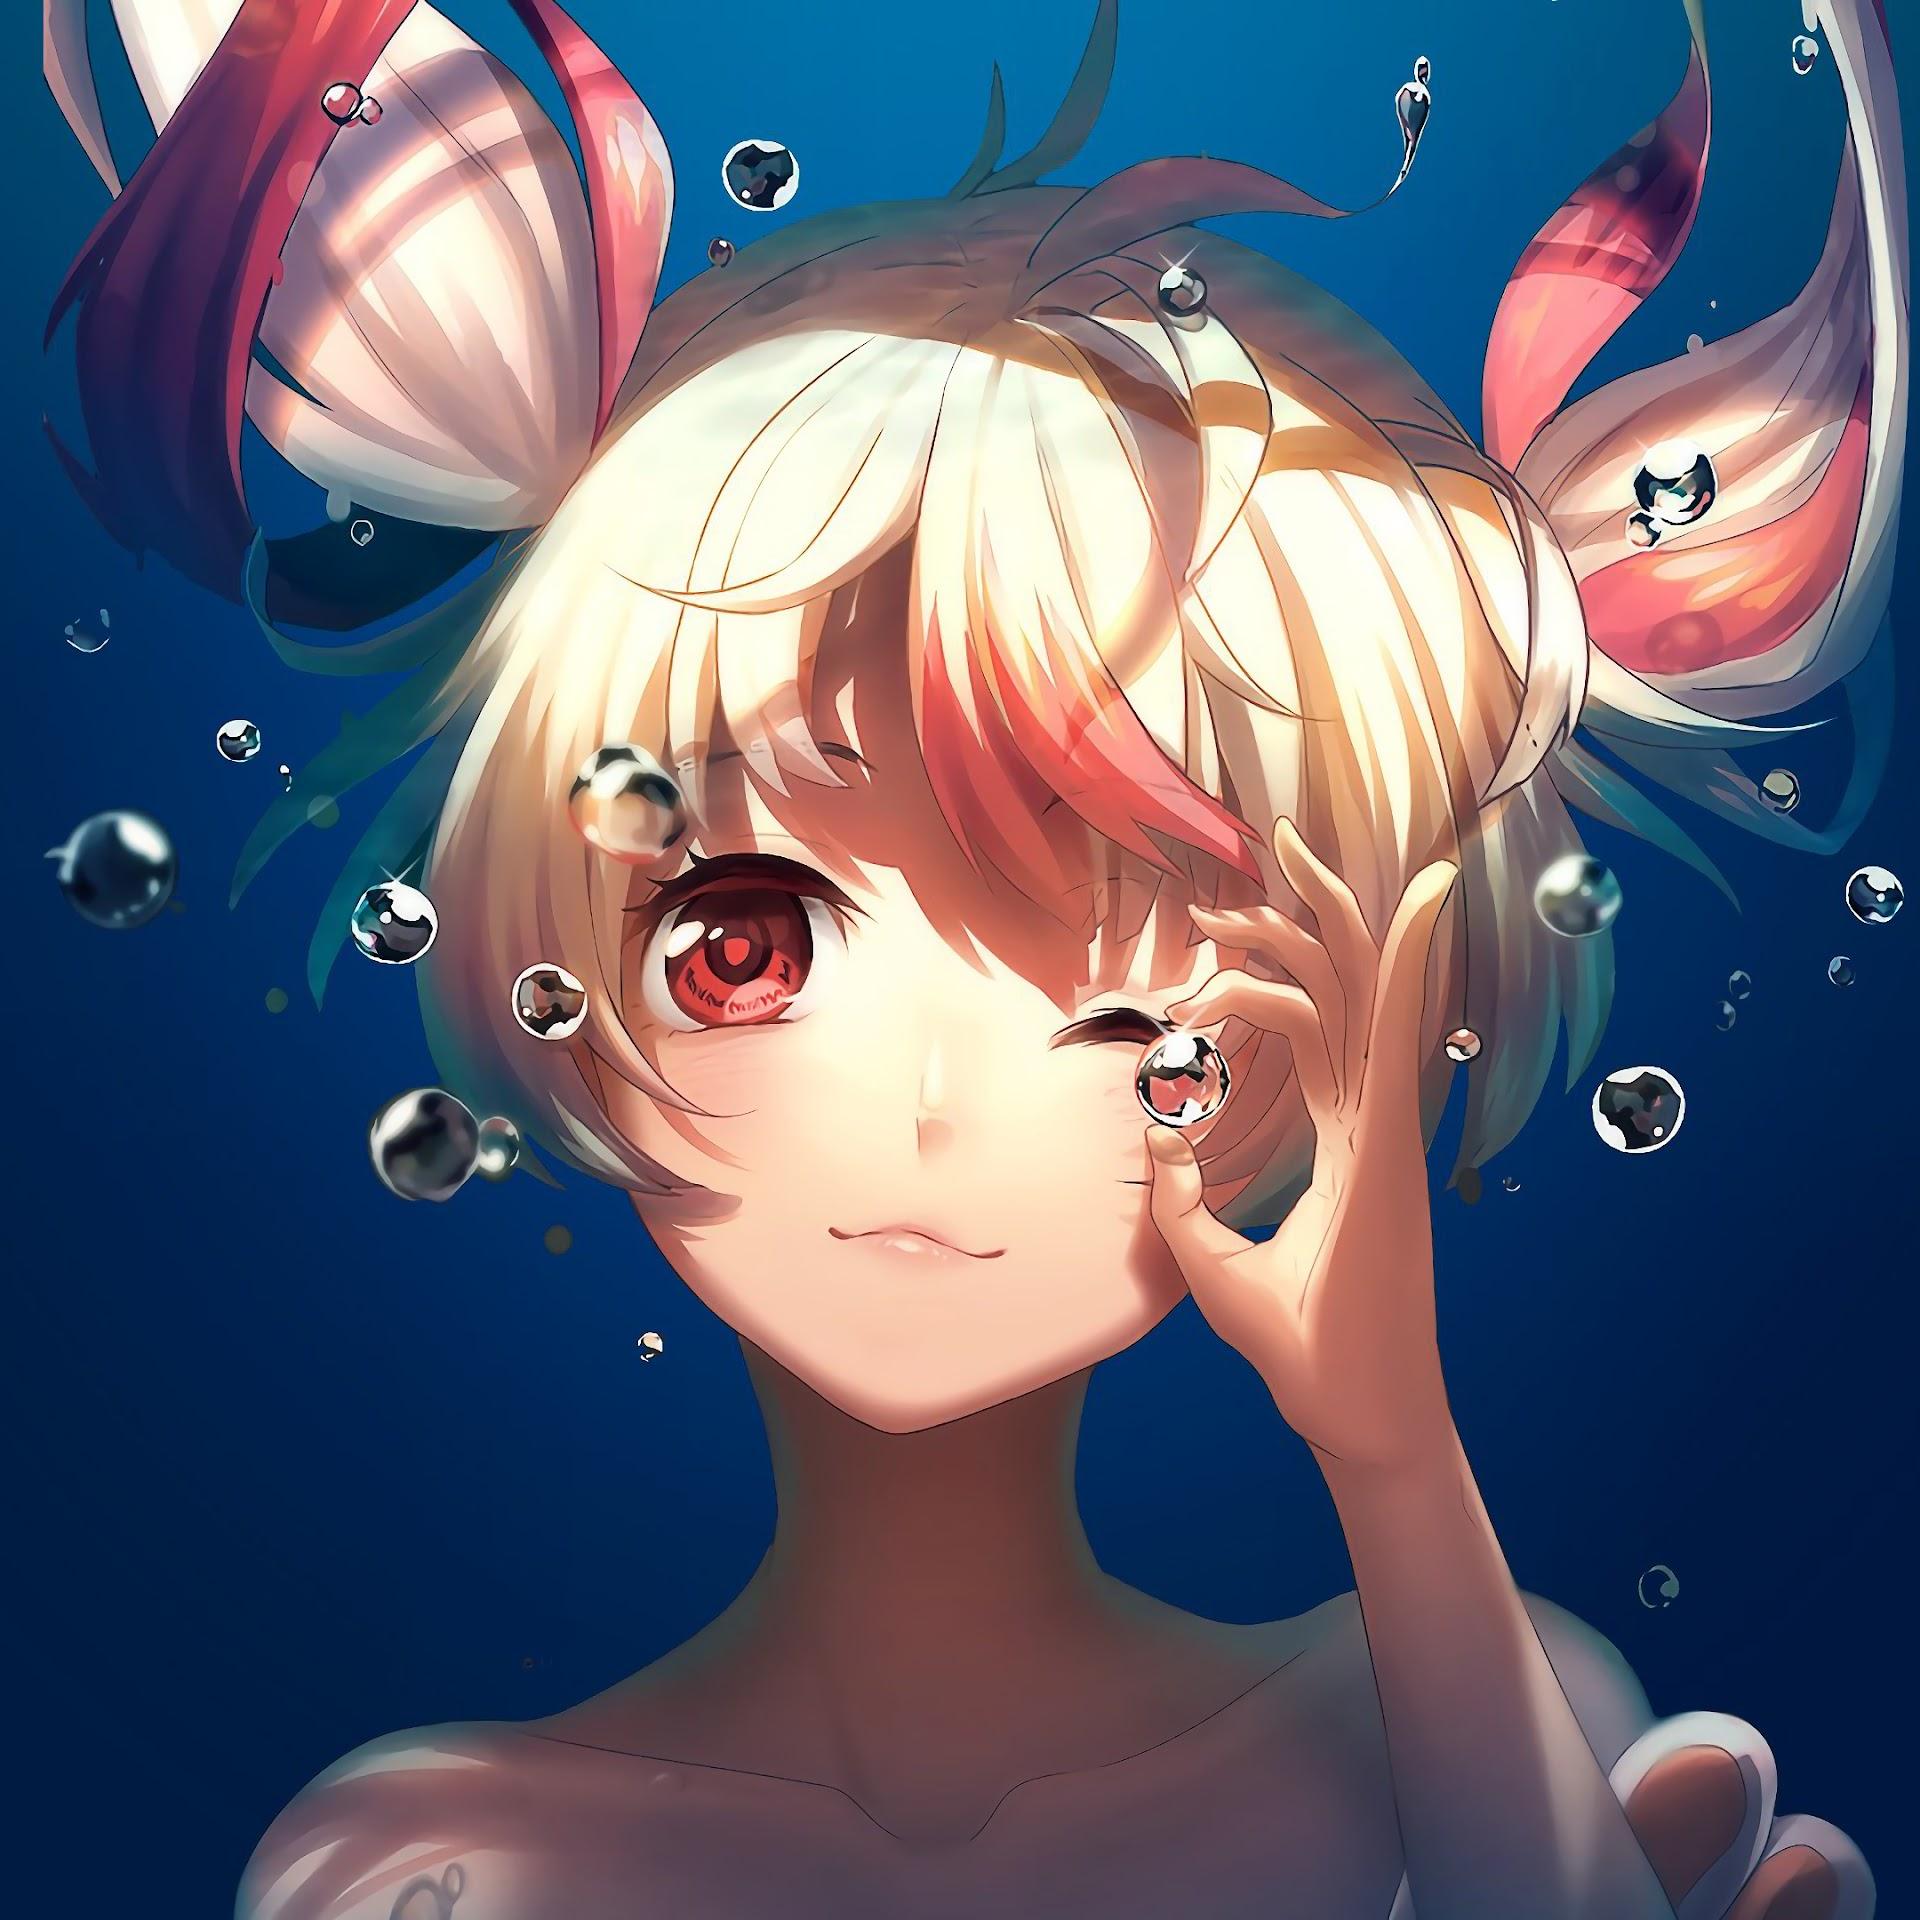 Anime, Girl, 4K, #173 Wallpaper